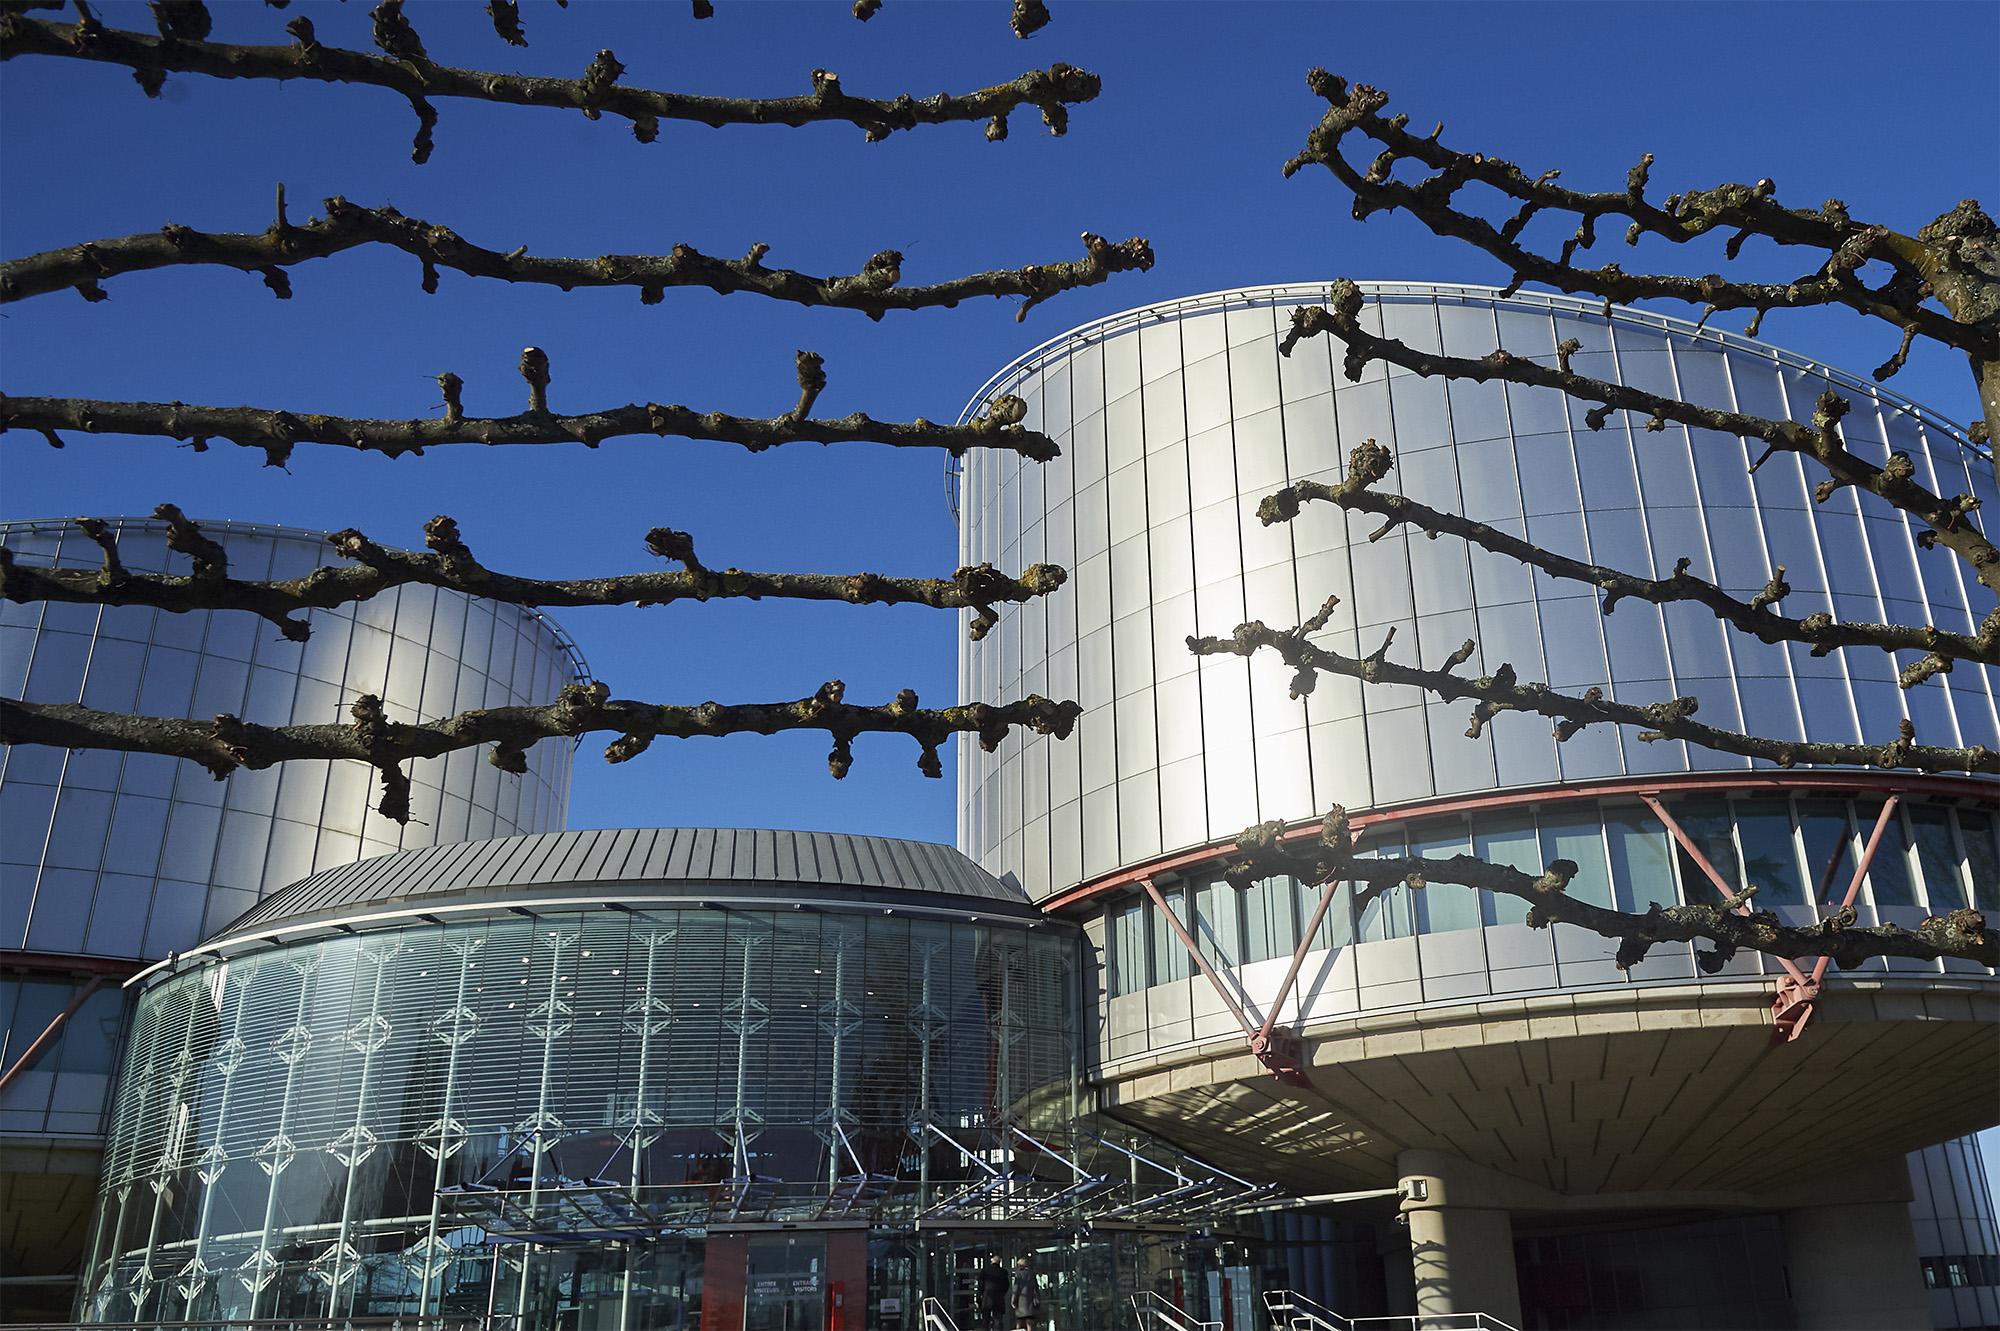 © Council of Europe/ Ellen Wuibaux. Edifício do Tribunal Europeu dos Direitos Humanos, em Estrasburgo, França.